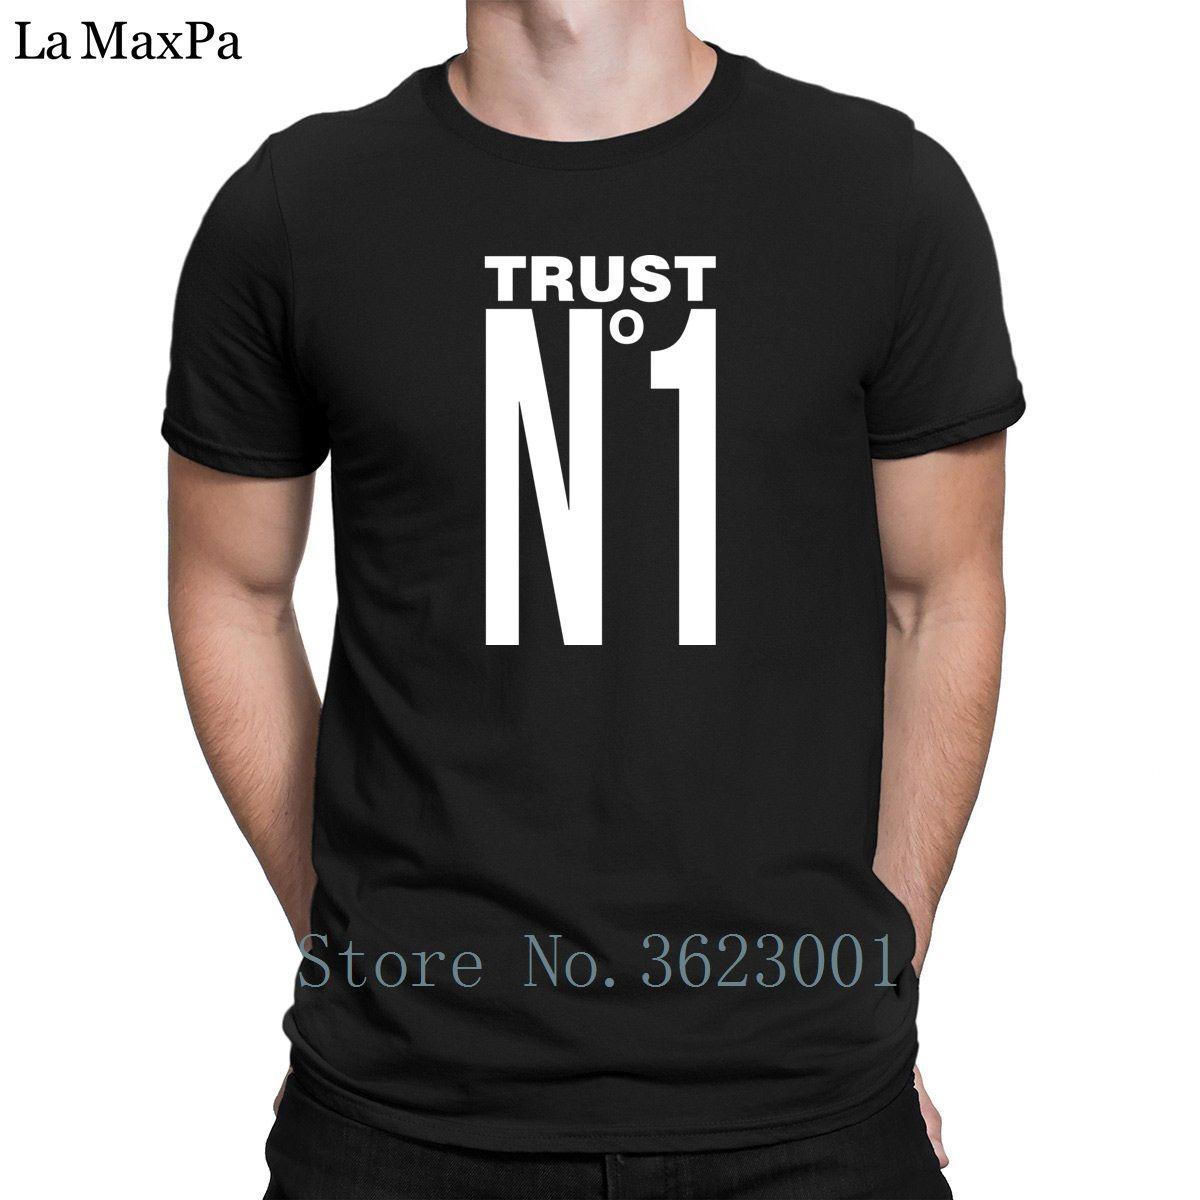 Impreso nueva llegada Camiseta Confianza nadie camiseta de la diversión del estilo del verano Camiseta para hombre de Hip Hop camiseta de los hombres Fotos 100% algodón